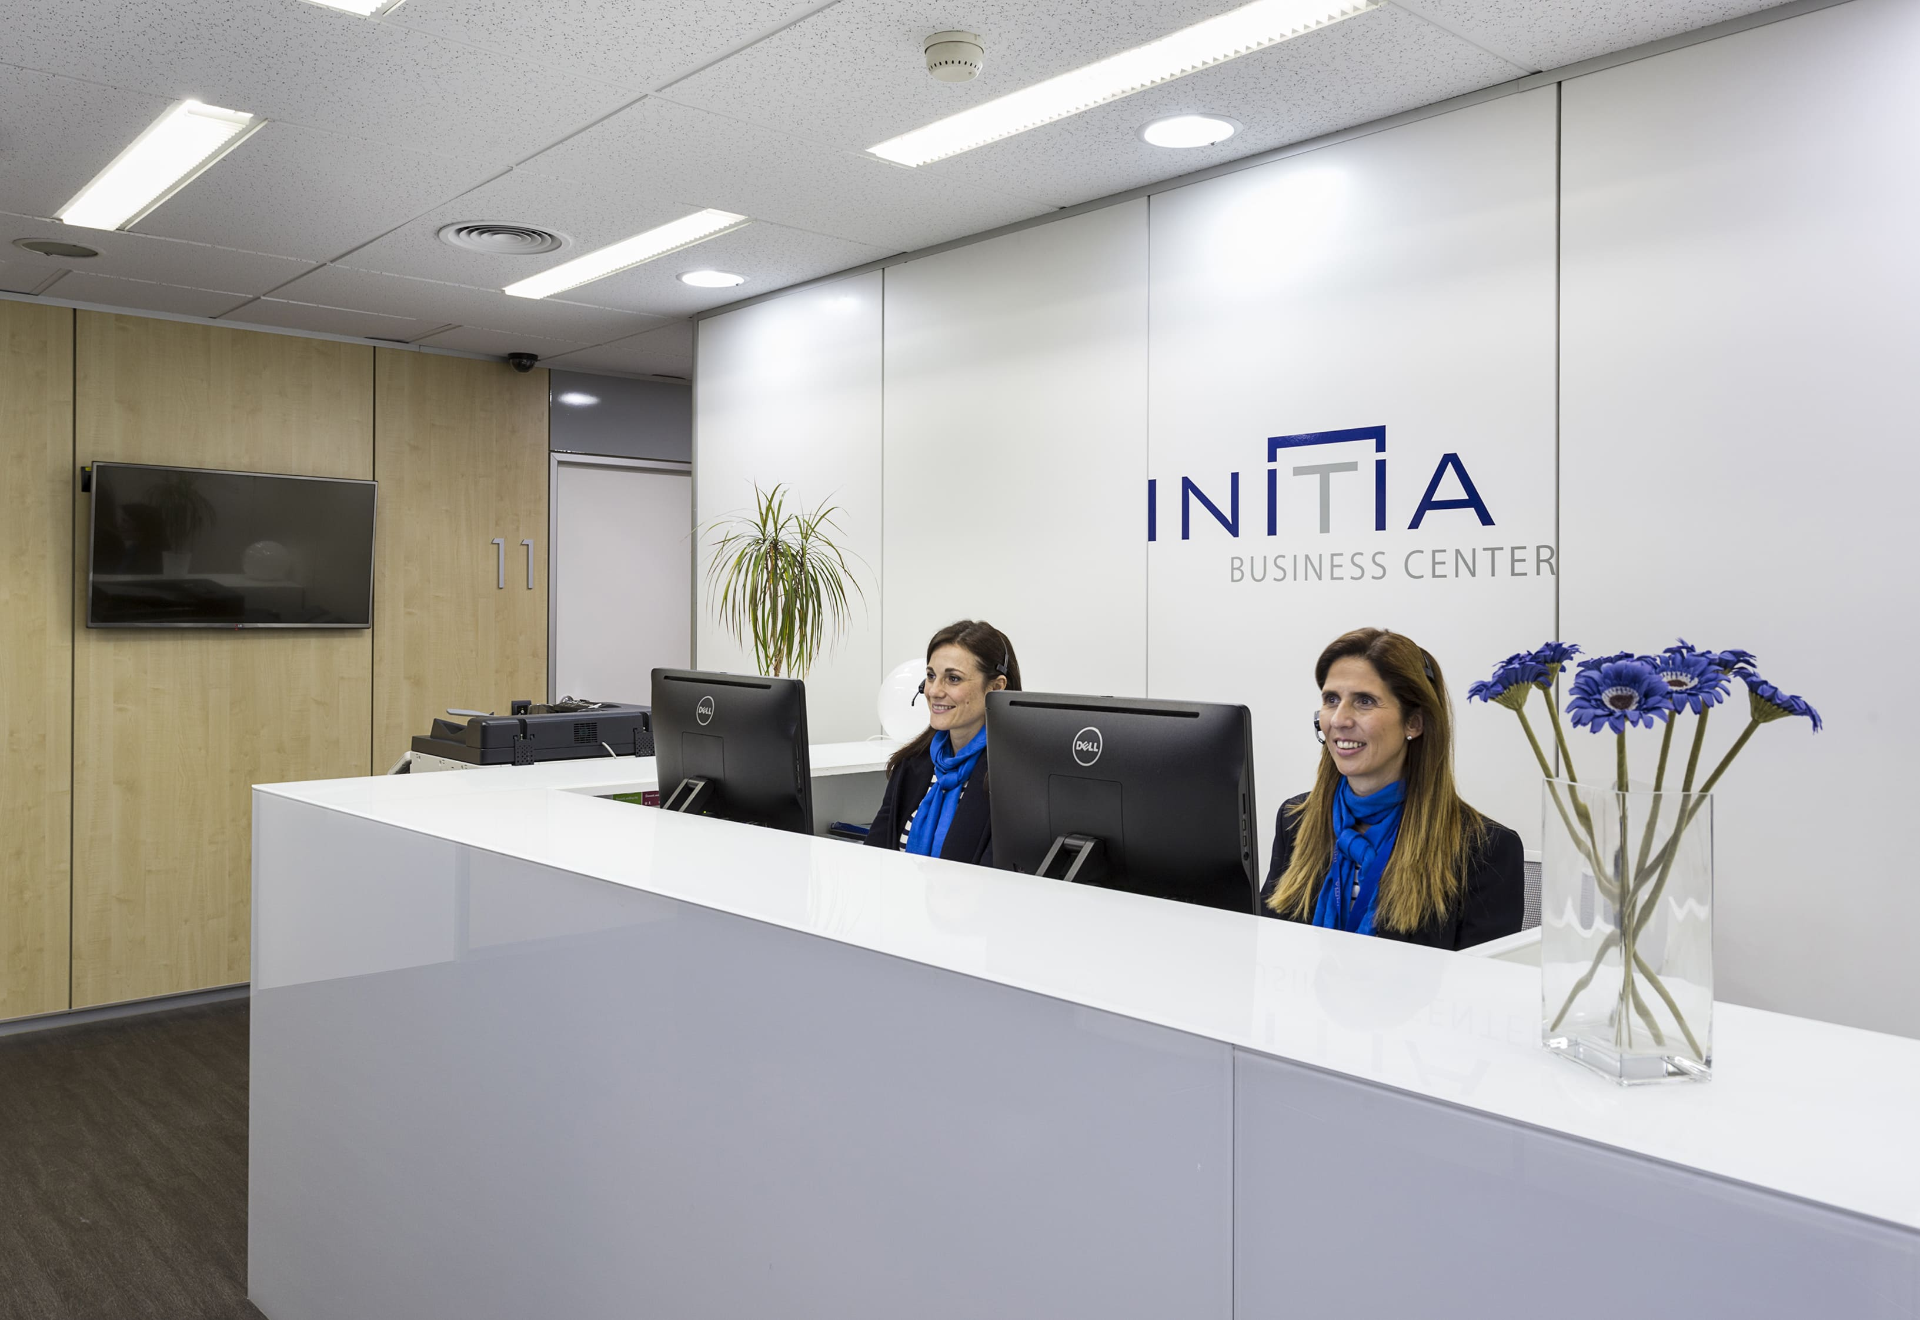 INITIA Business Center consigue 4 Estrellas en la Certificación y Categorización de Tüv Rheinland y ProWorkSpaces